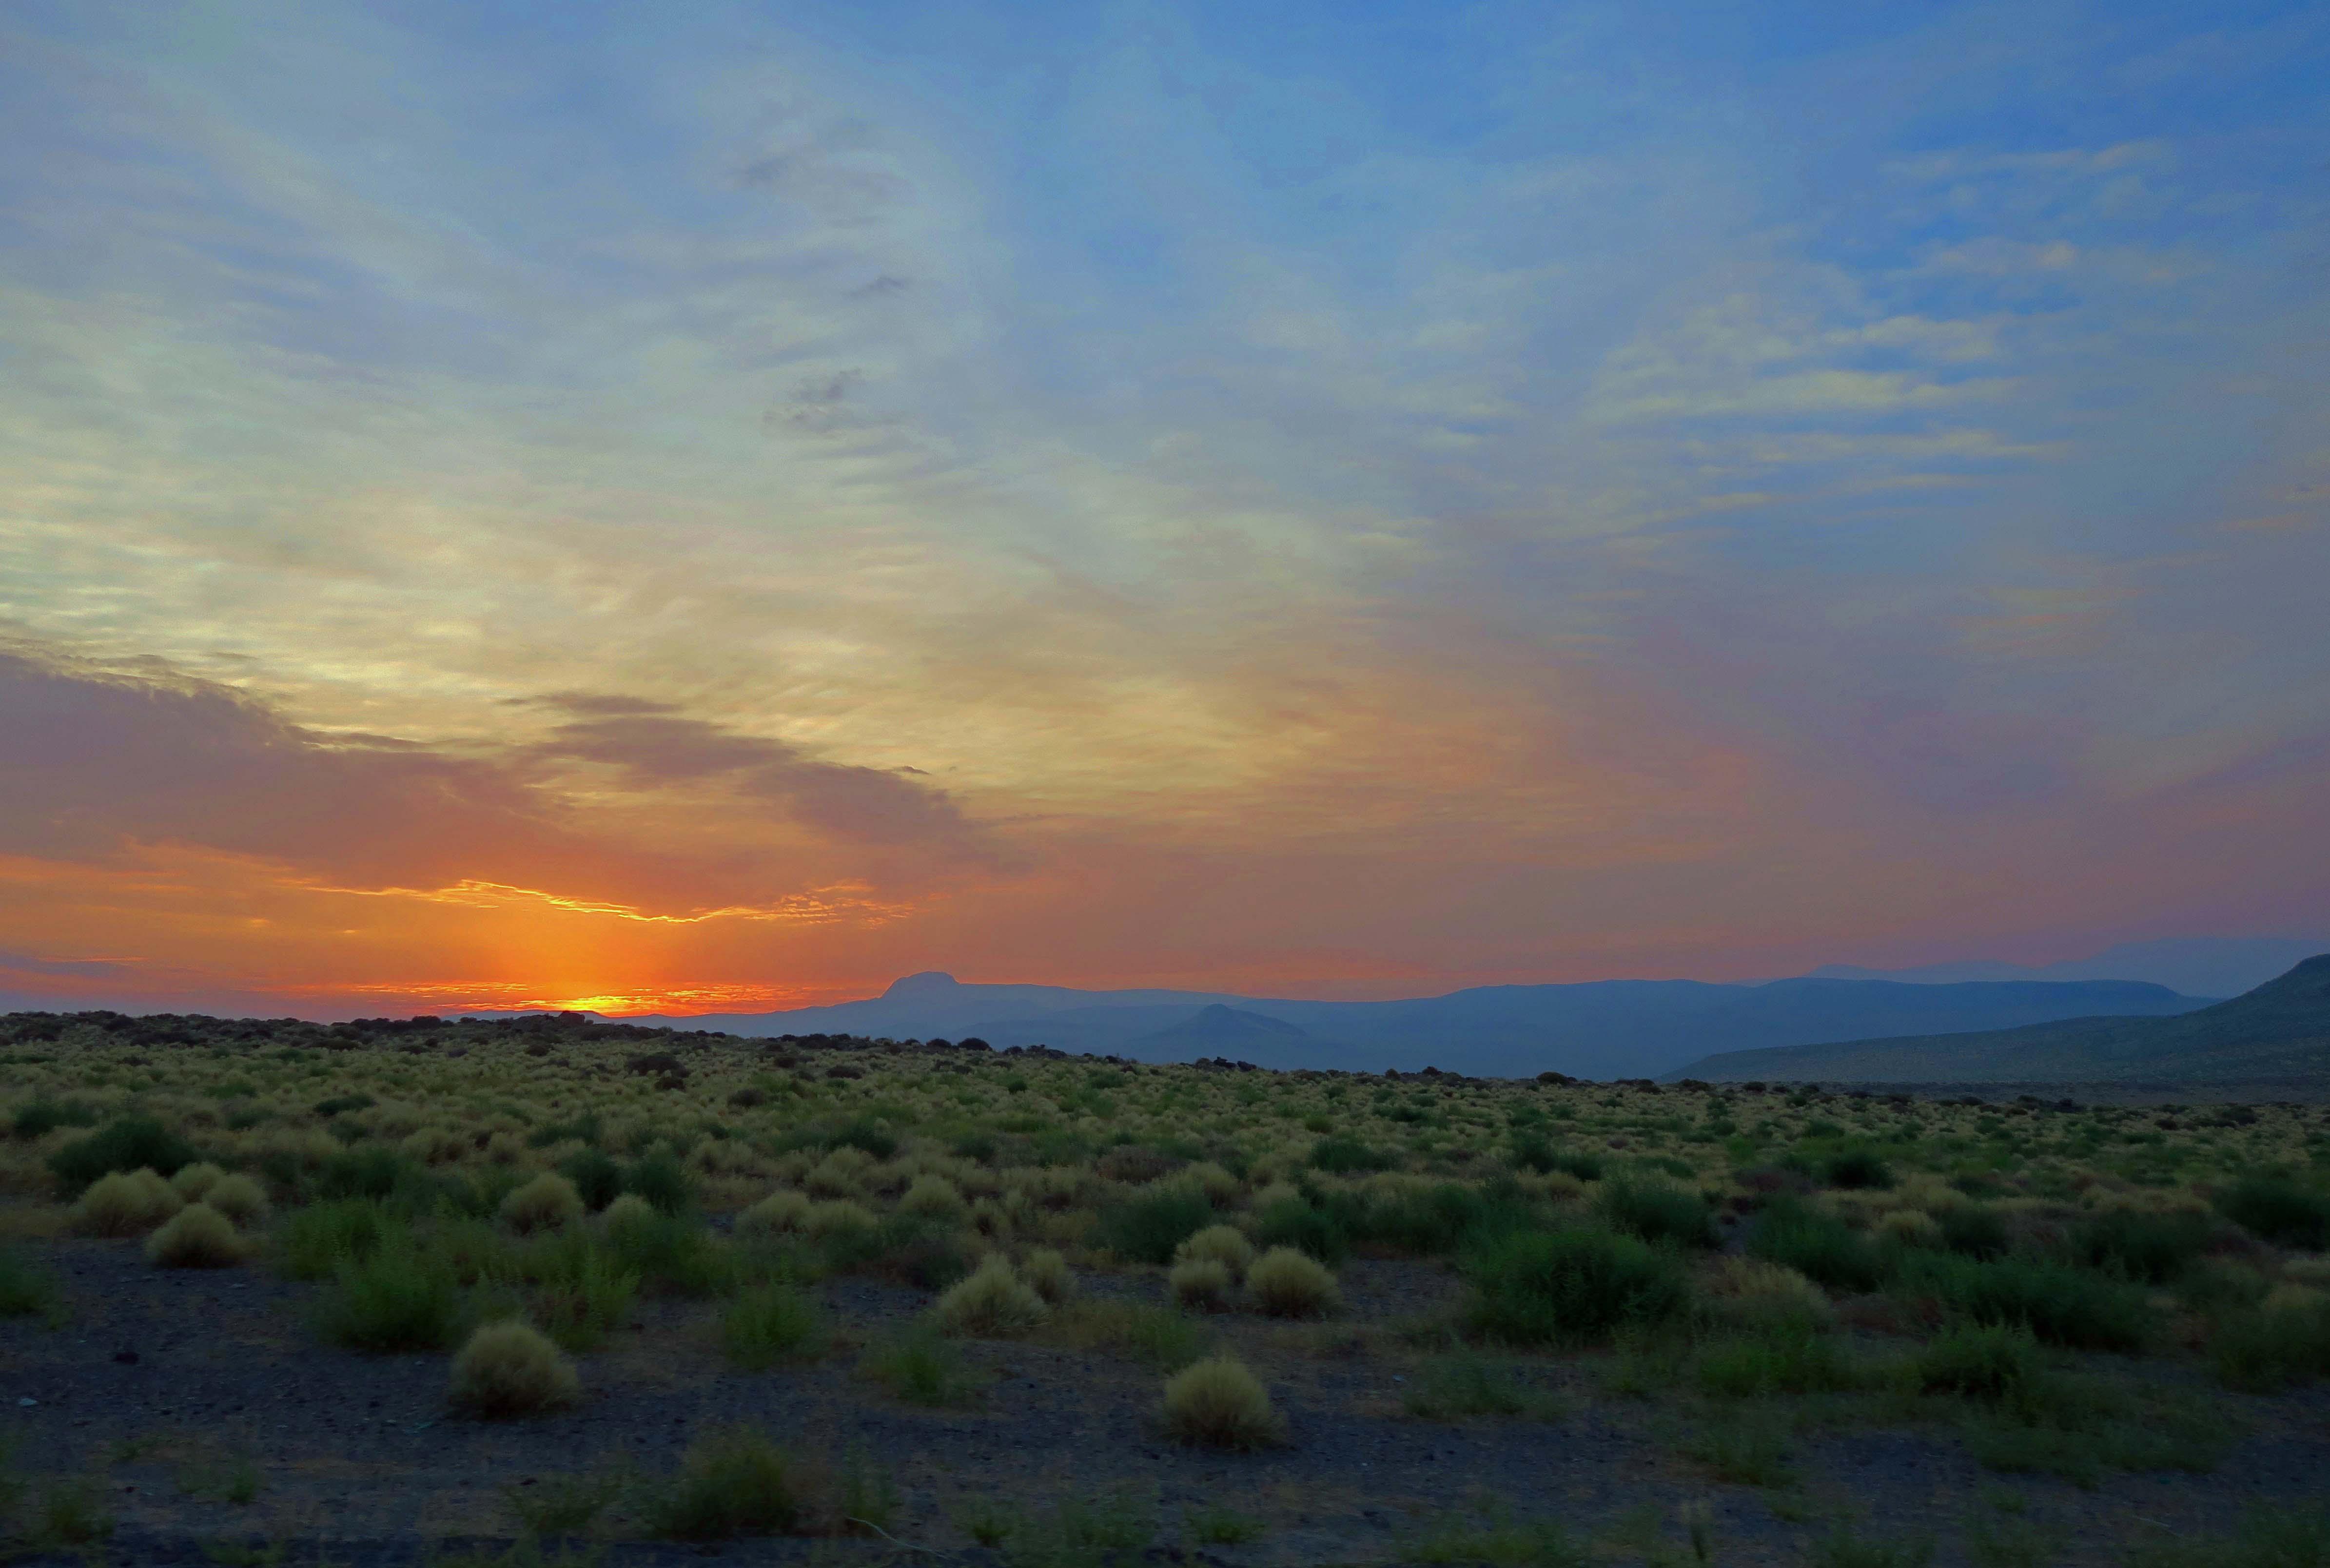 View leaving Burning Man 2017